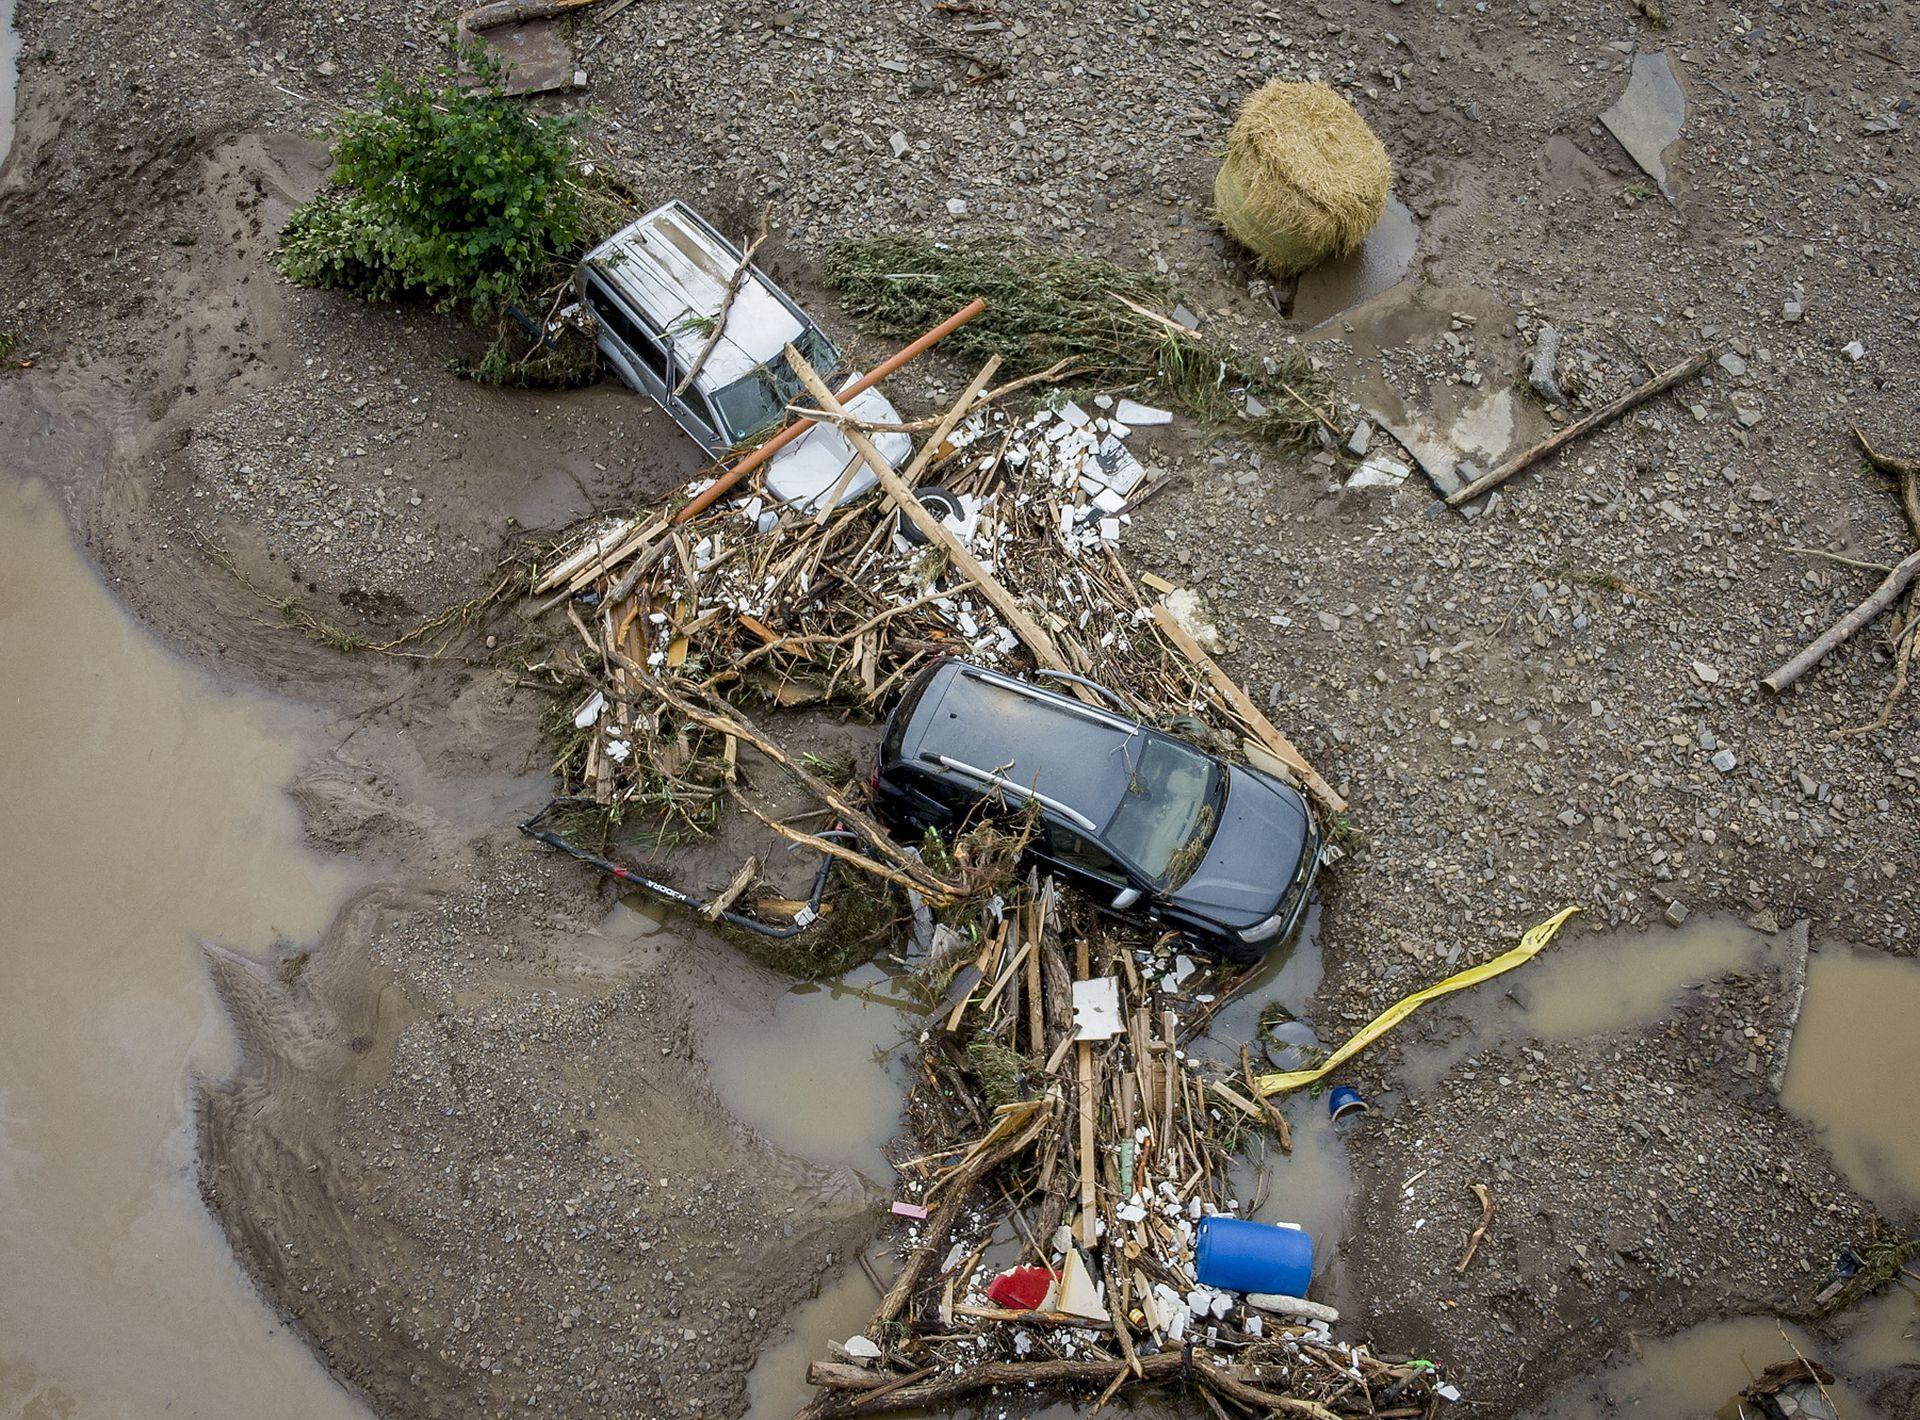 Autos, casas y gran cantidad de escombros fueron arrastrados por el agua